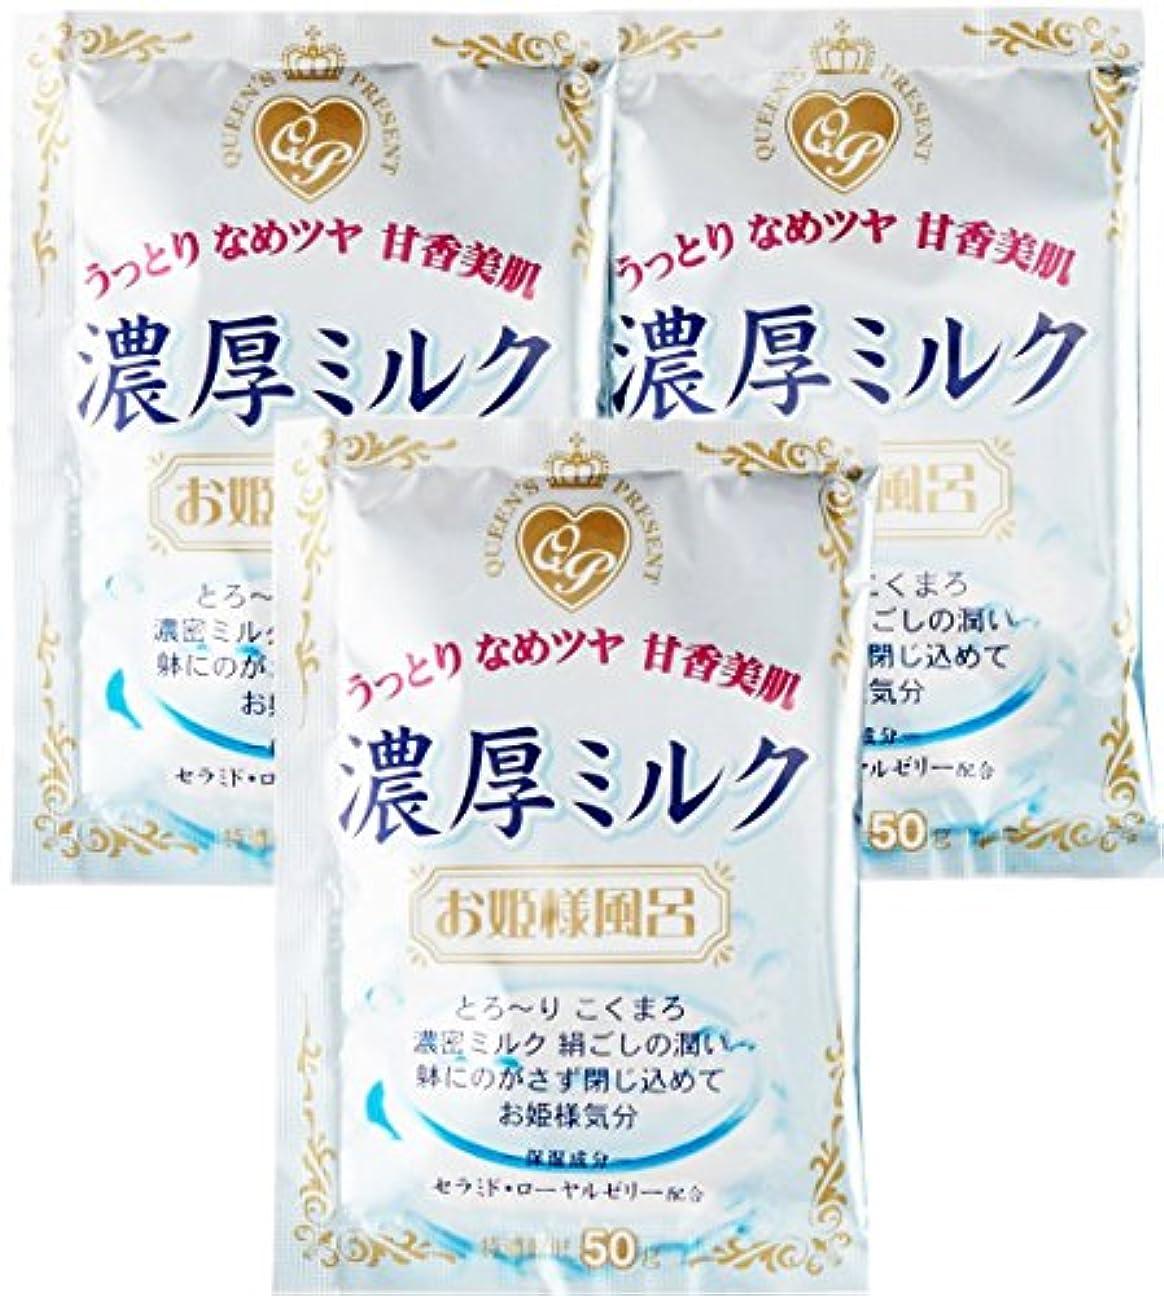 スイ廃棄算術紀陽除虫菊 『入浴剤 まとめ買い』 お姫様風呂 濃厚ミルク 3包セット